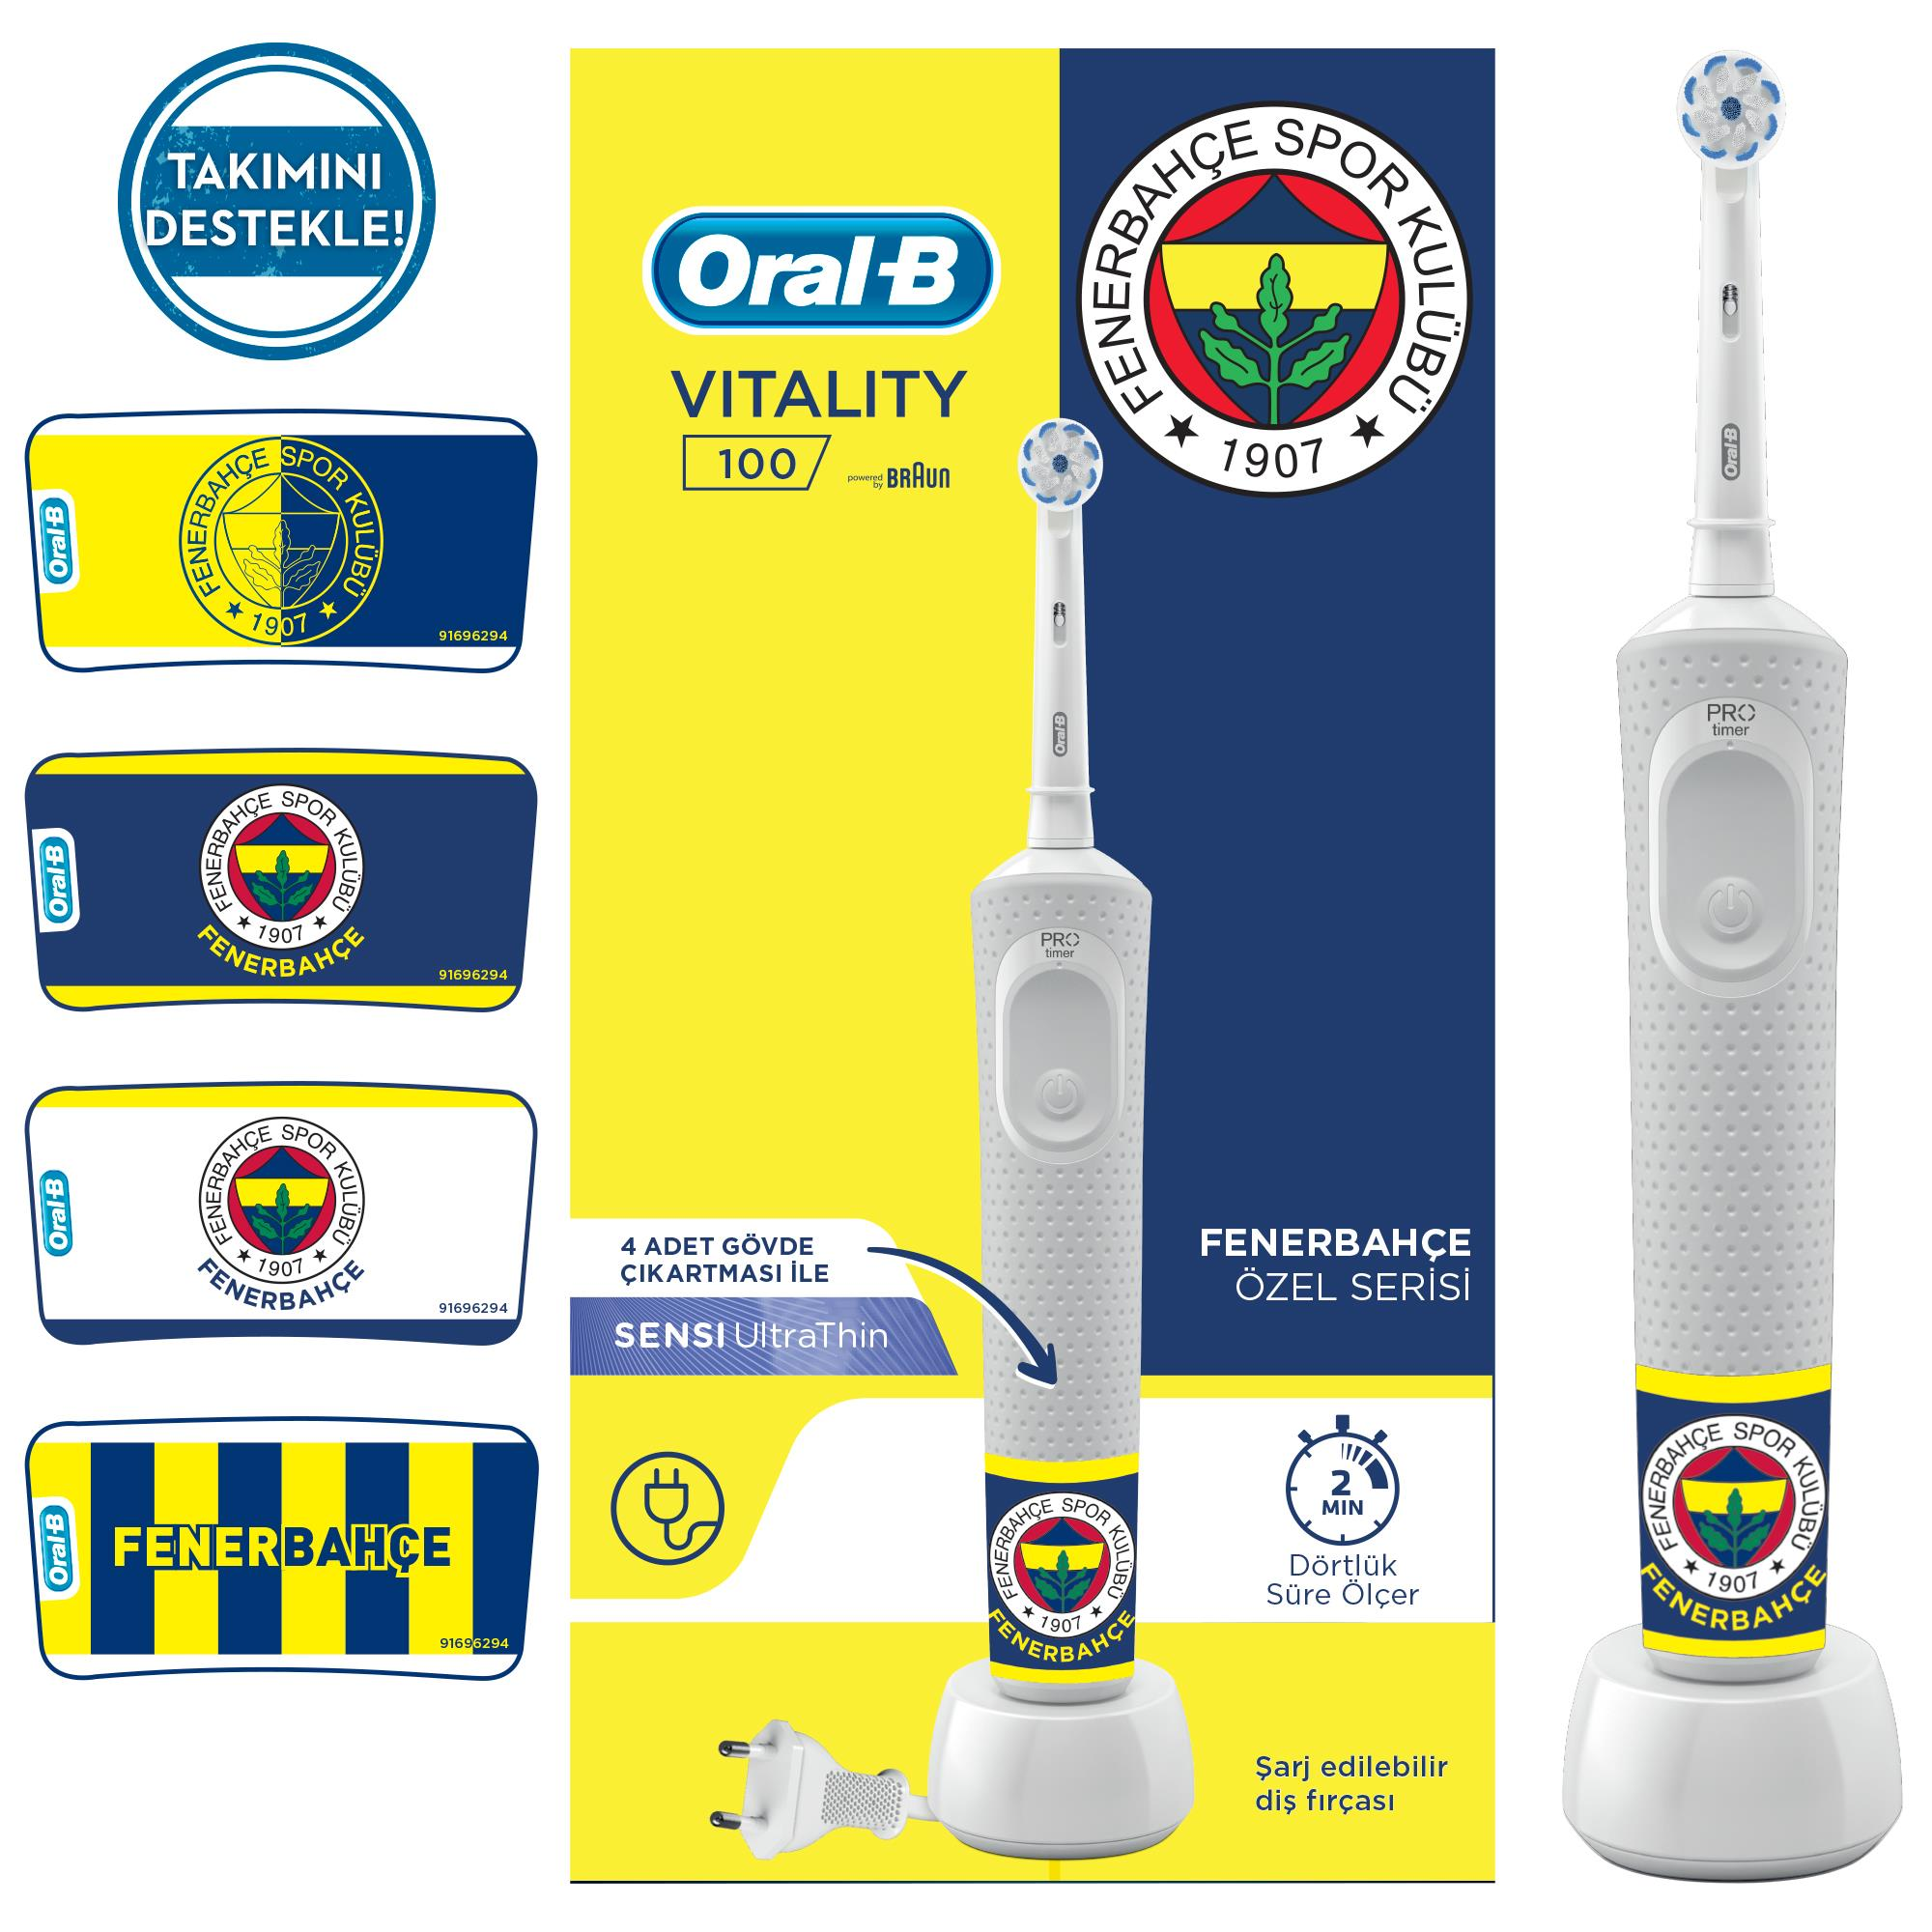 Oral-B - Oral-B Vitality D100 Fenerbahçe Serisi Şarjlı Diş Fırçası